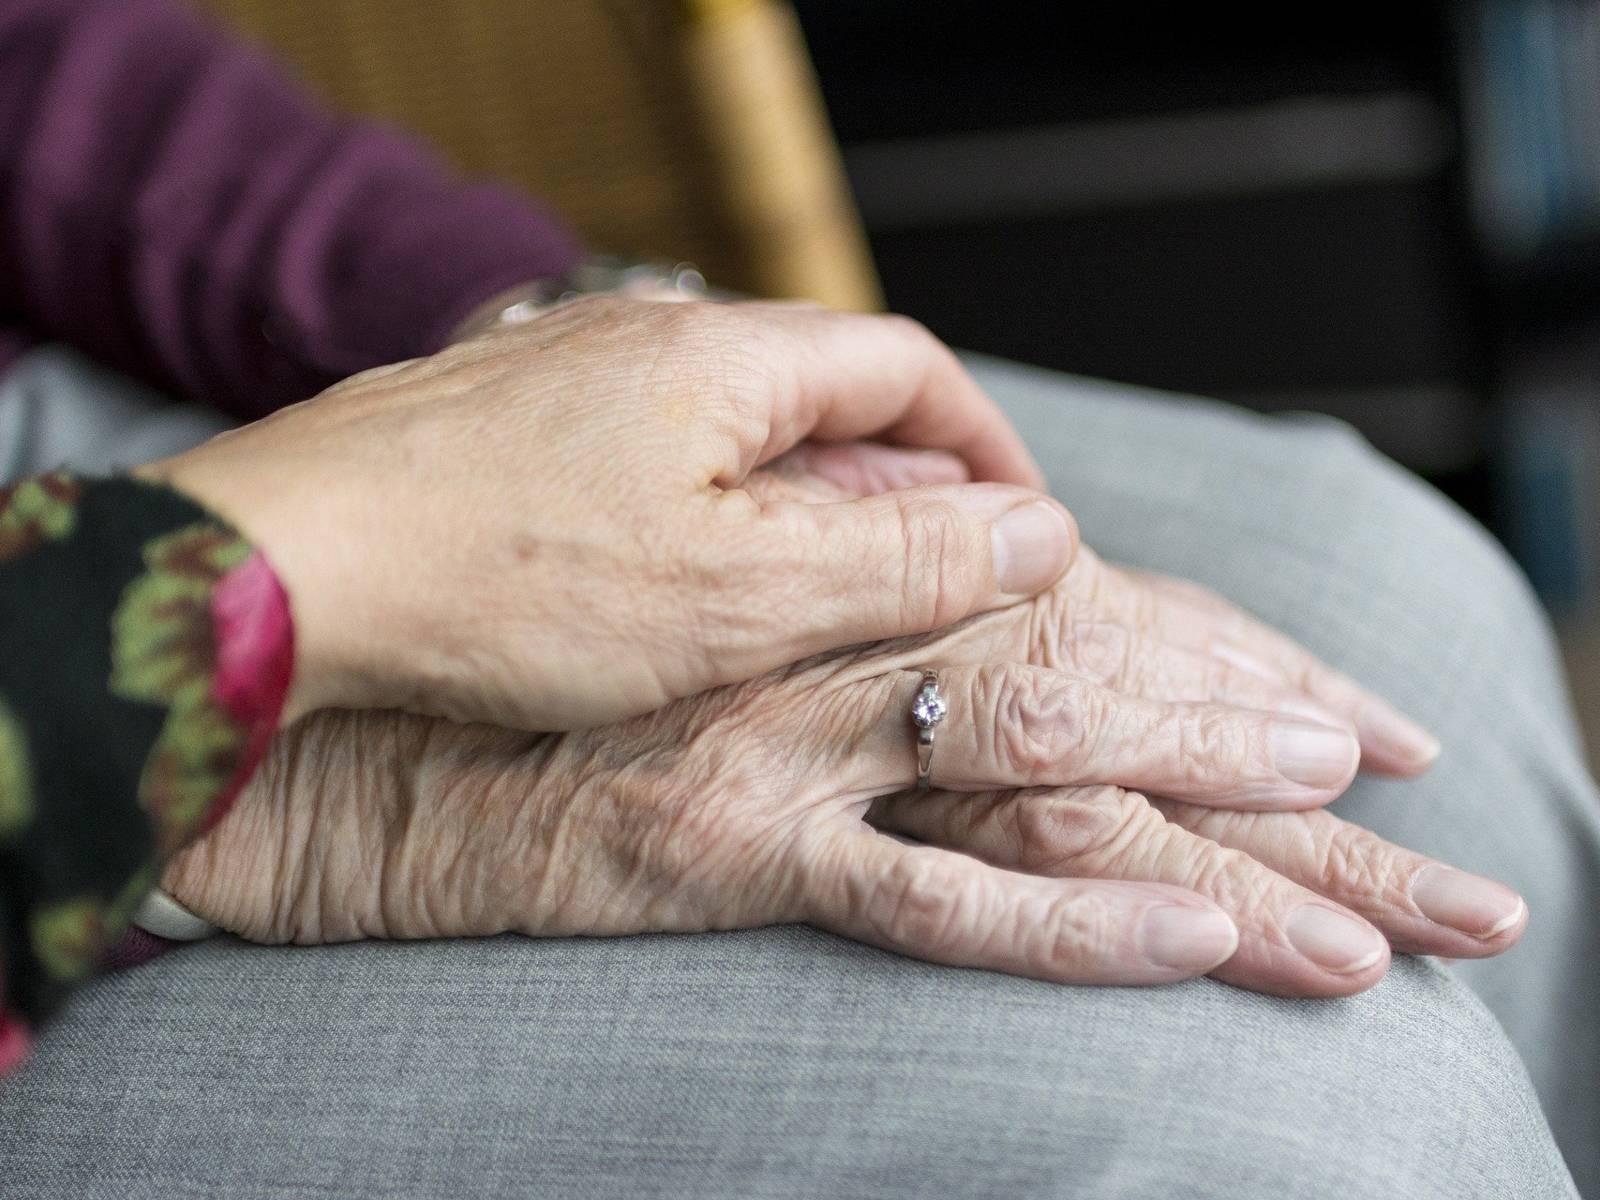 Eine Hand liegt auf einer anderen Hand